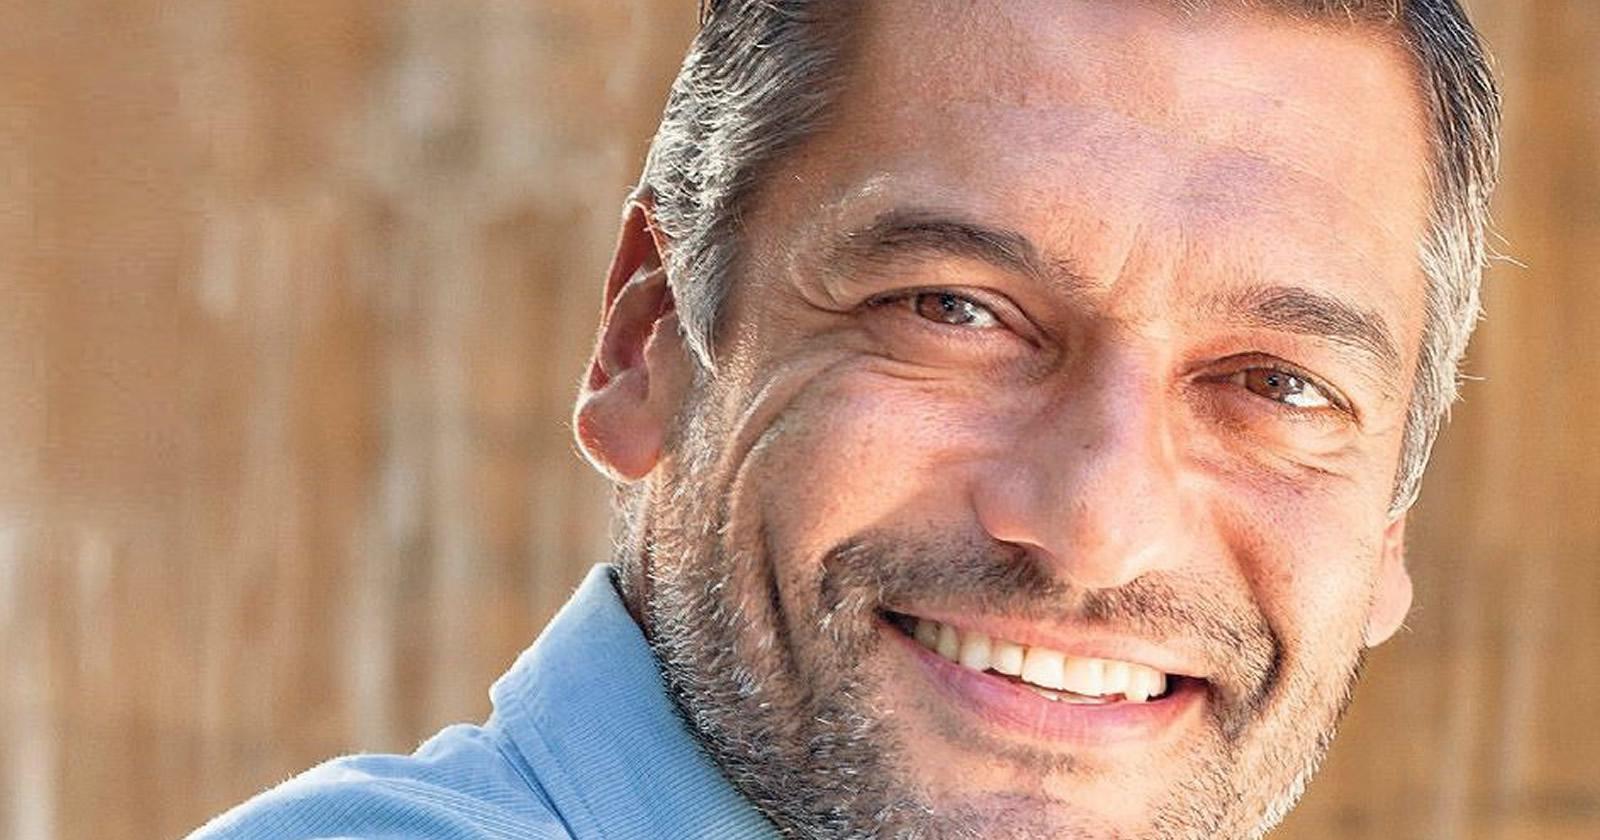 """Ο ηθοποιός Στέλιος Κρητικός μίλησε σε μια εκ βαθέων συνέντευξη στην εκπομπή της Ηλιάνας Παπαγεωργίου """"Pop Up"""" όπου αποκάλυψε τι"""